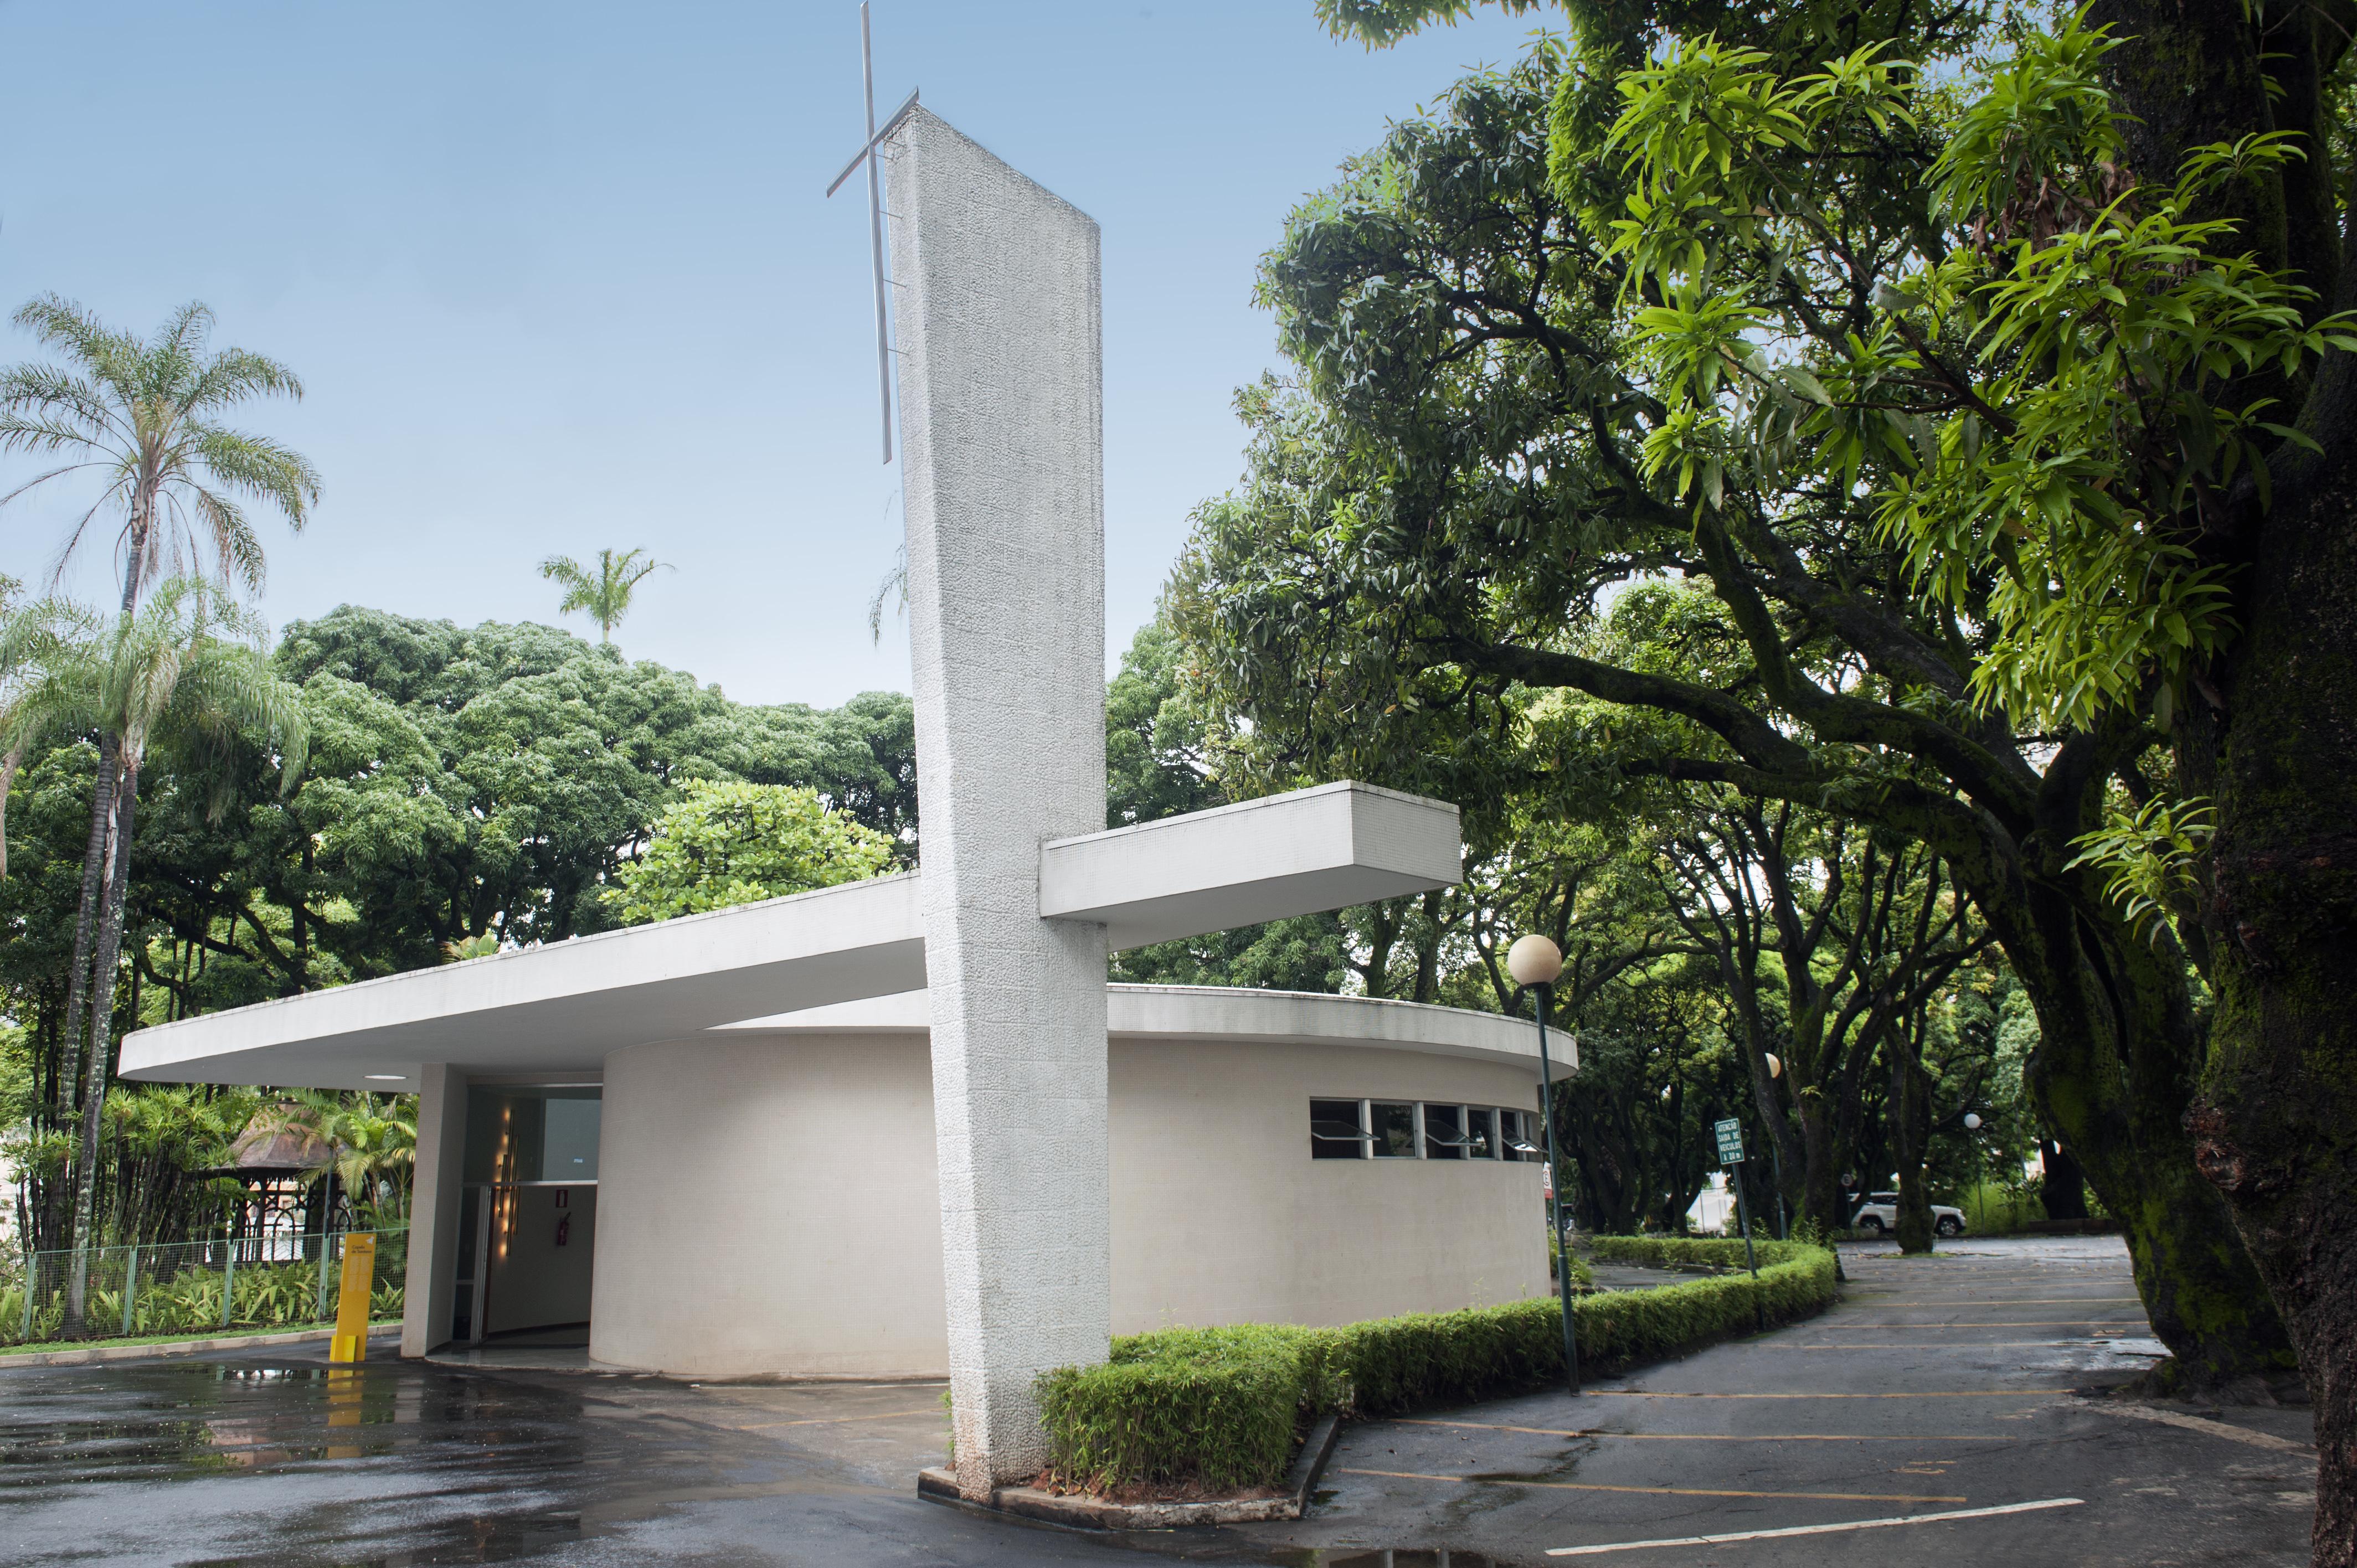 Casa Fiat de Cultura em Belo Horizonte: Capela de Santana